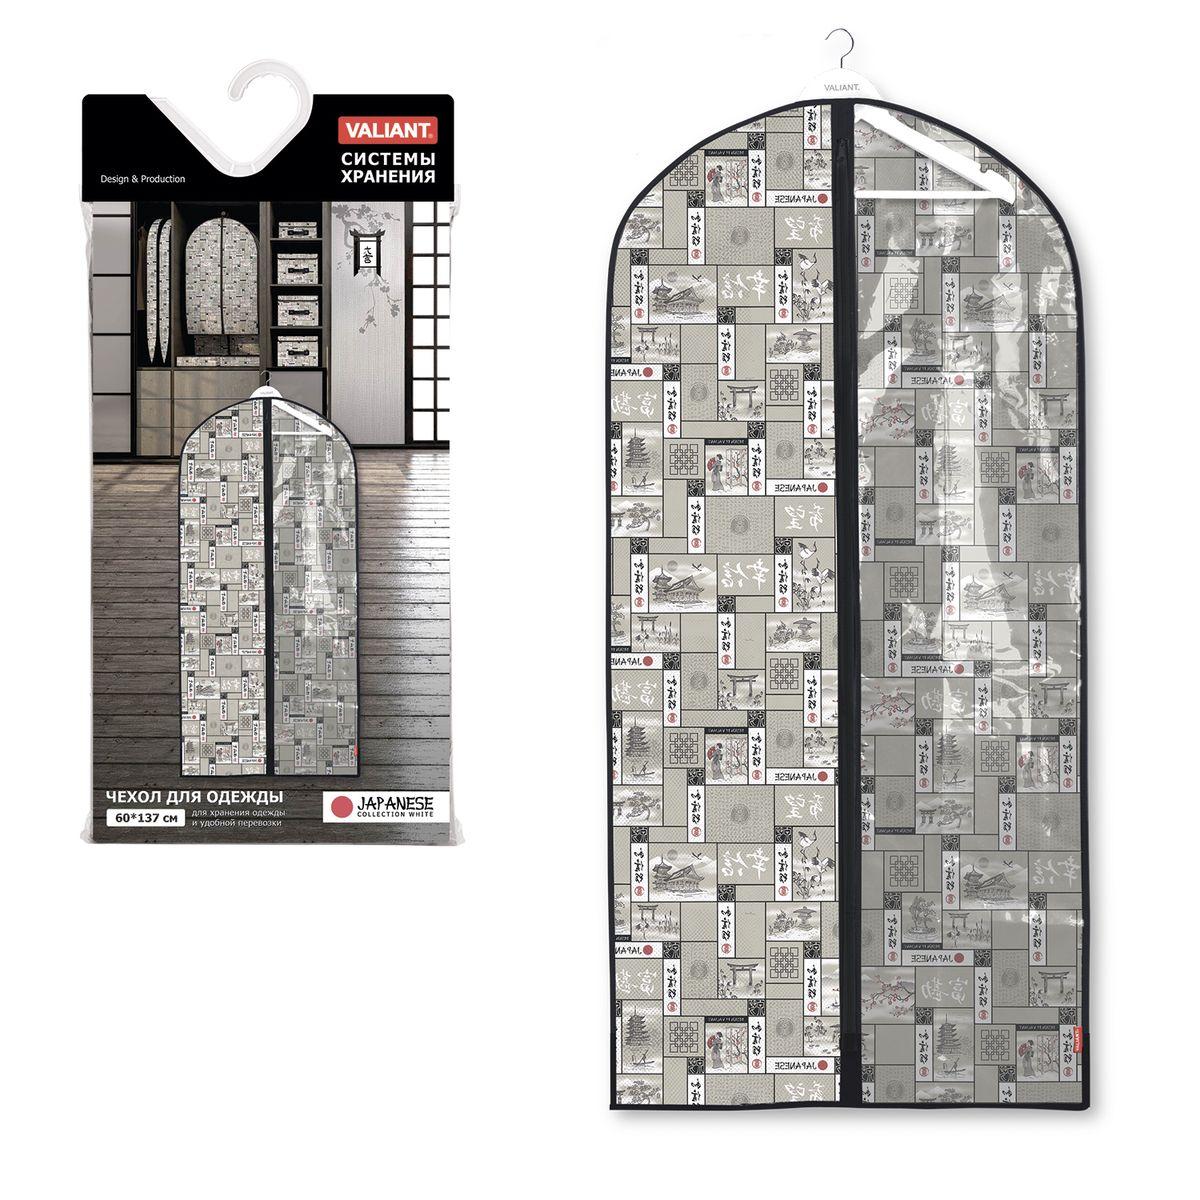 Чехол для одежды Valiant Japanese White, с прозрачной вставкой, 60 х 137 х 10 смJW-CW-137